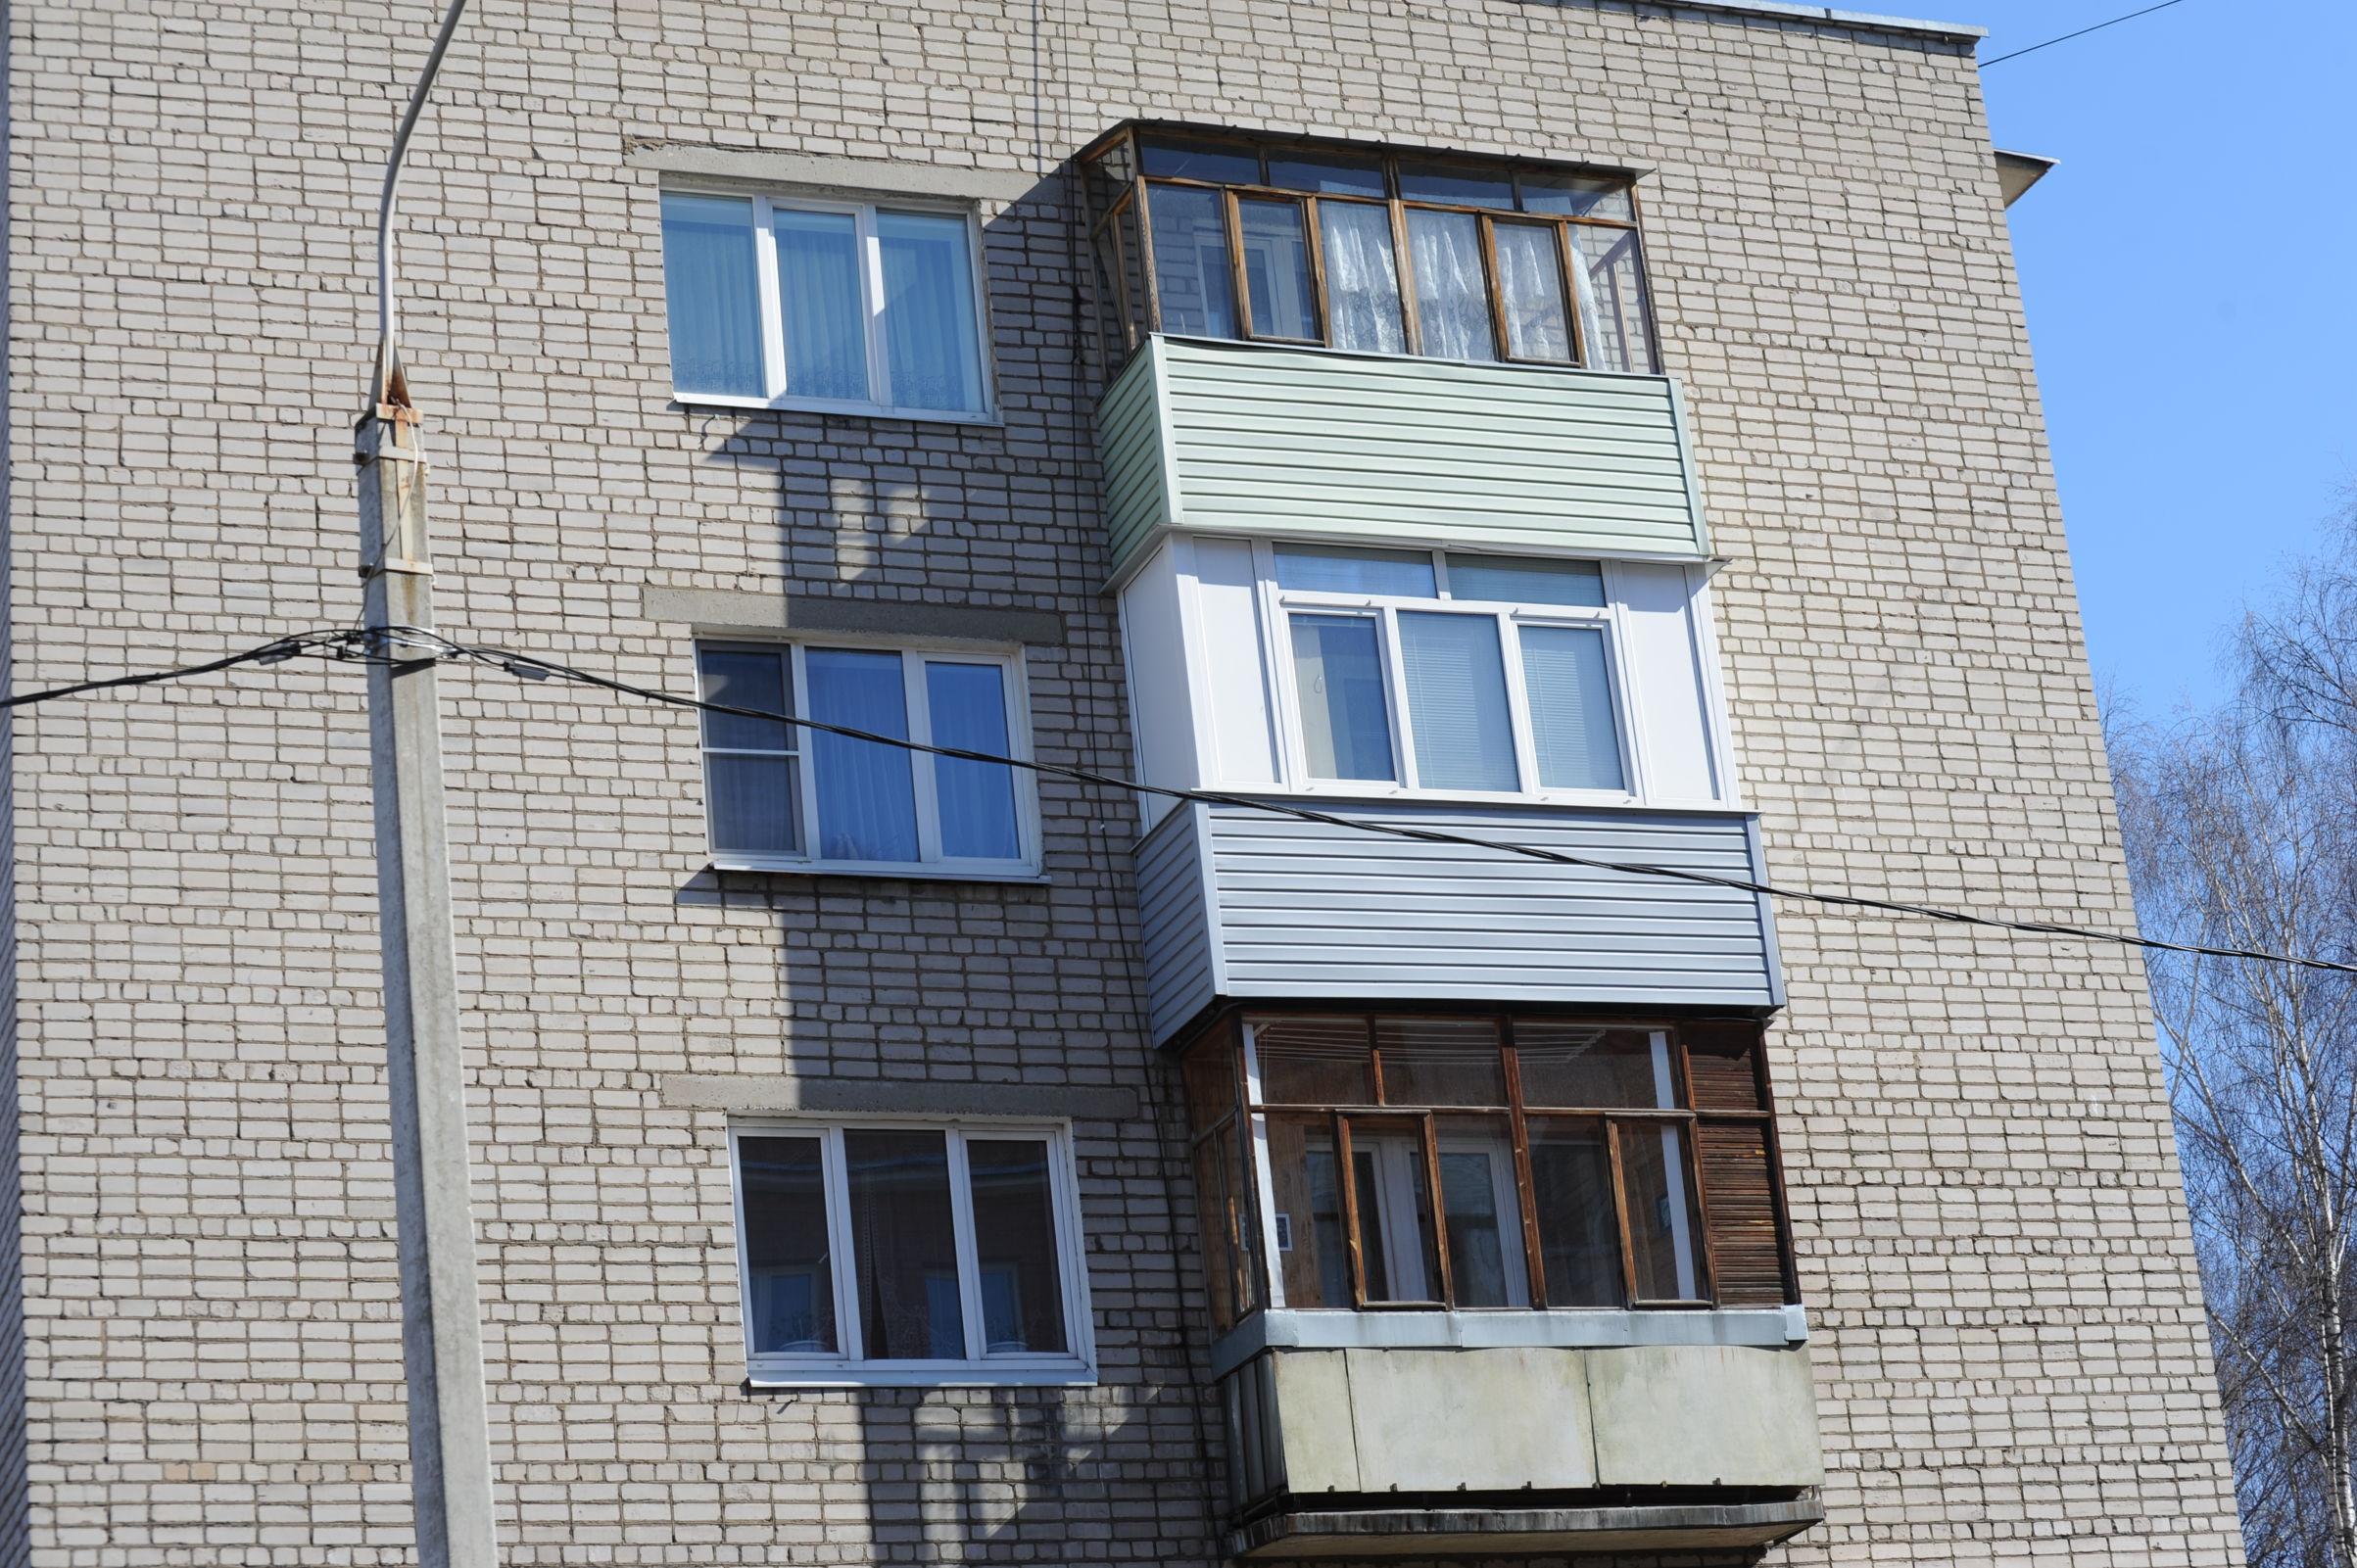 Житель Ярославской области, хранивший труп зарезанной сожительницы на балконе, признан невменяемым